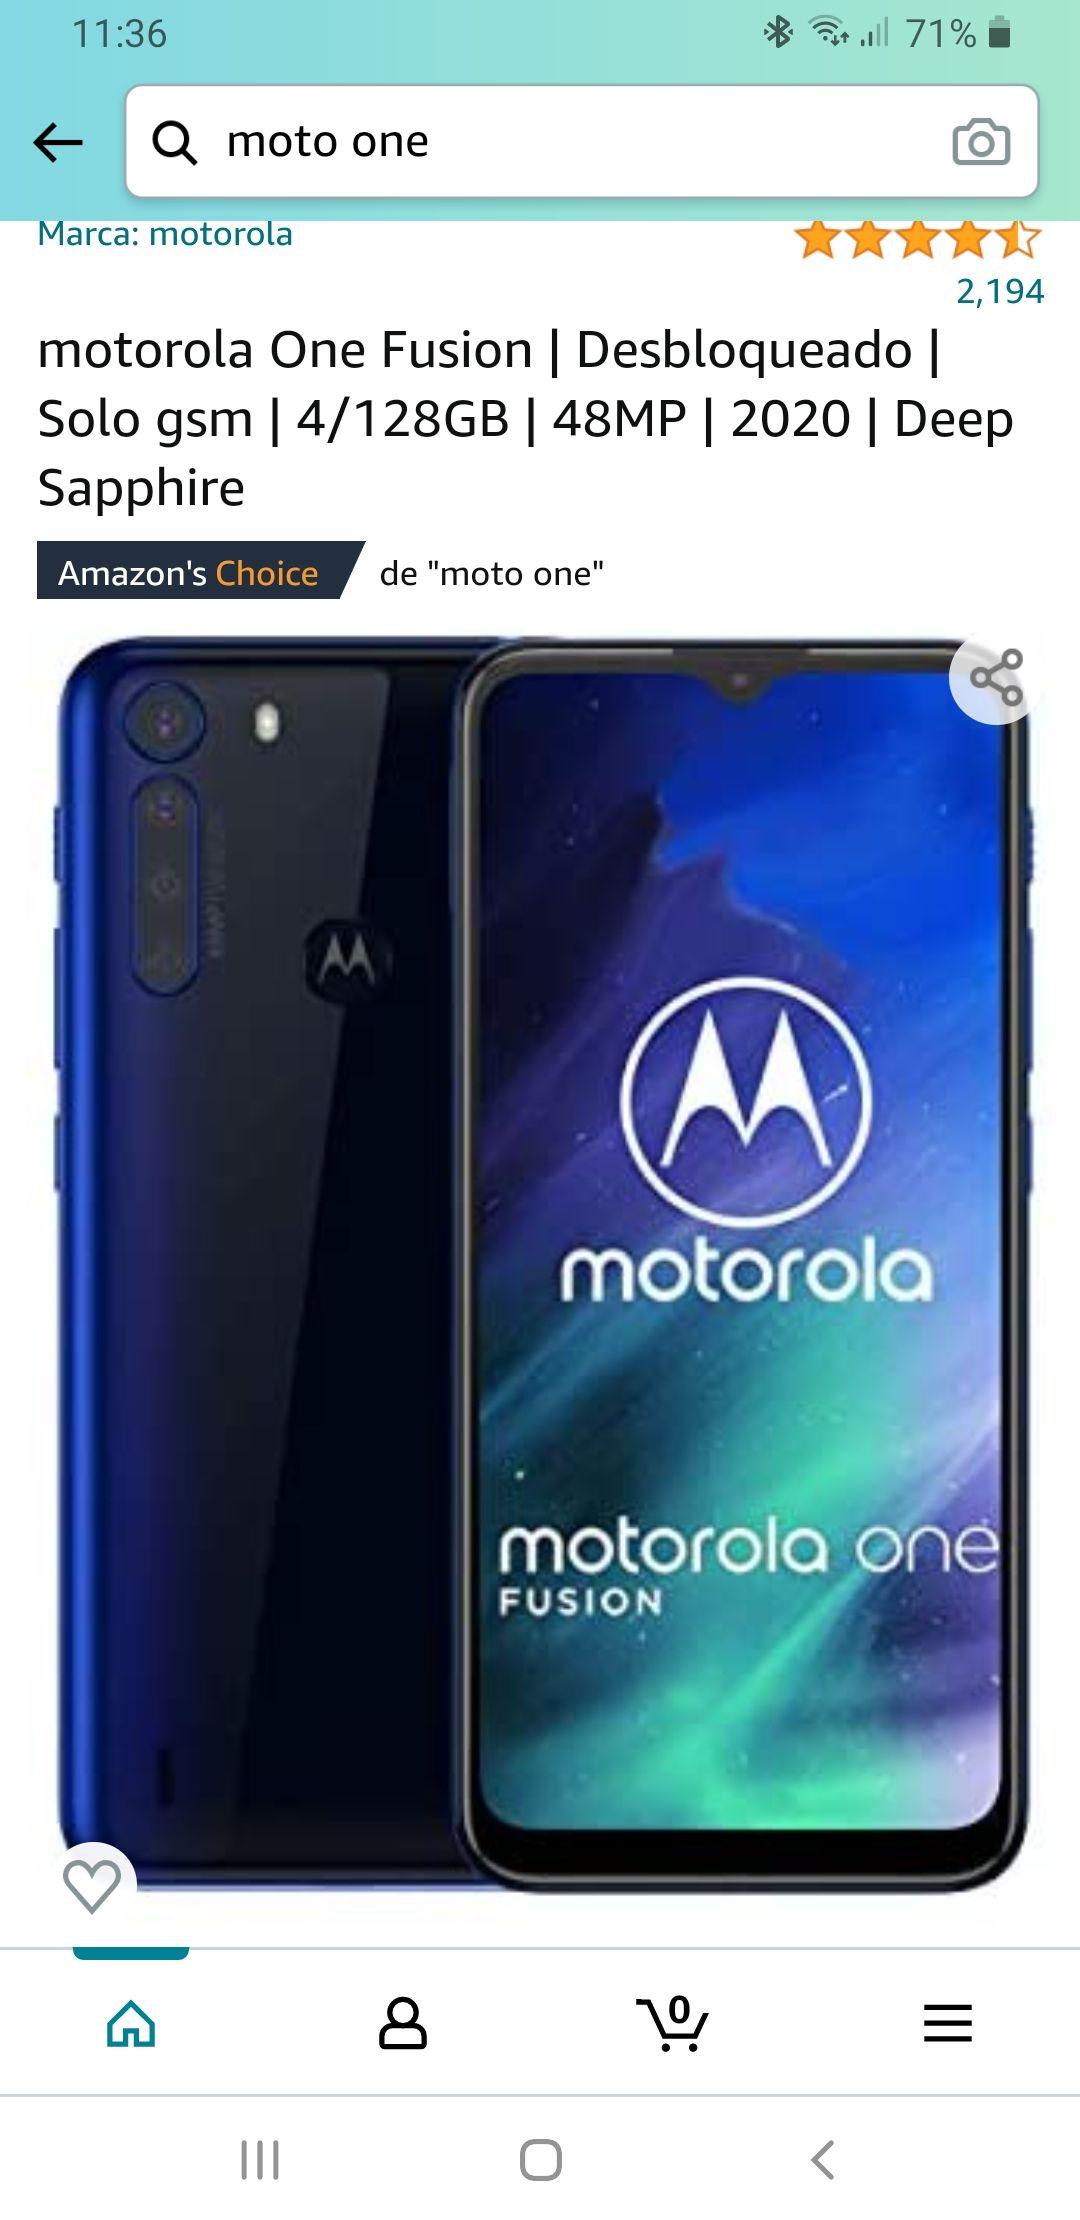 Amazon, Moto one fusion de 128/4 azul zafiro